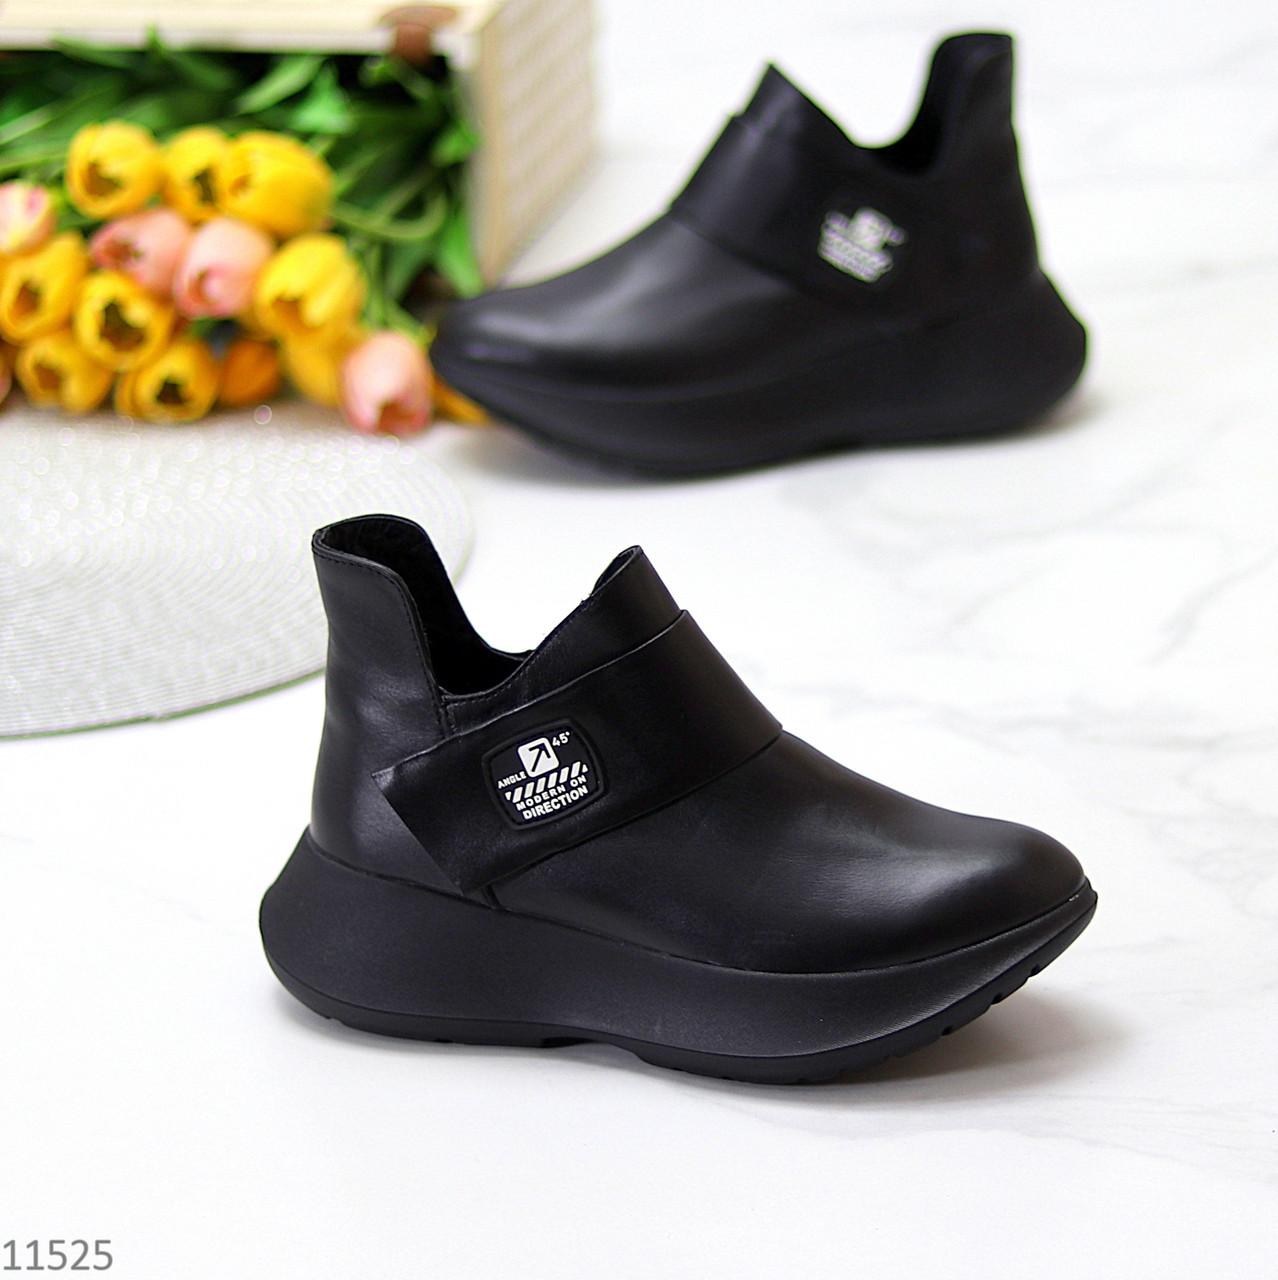 Модные кожаные черные женские полу спортивные женские ботинки натуральная кожа 38-25см